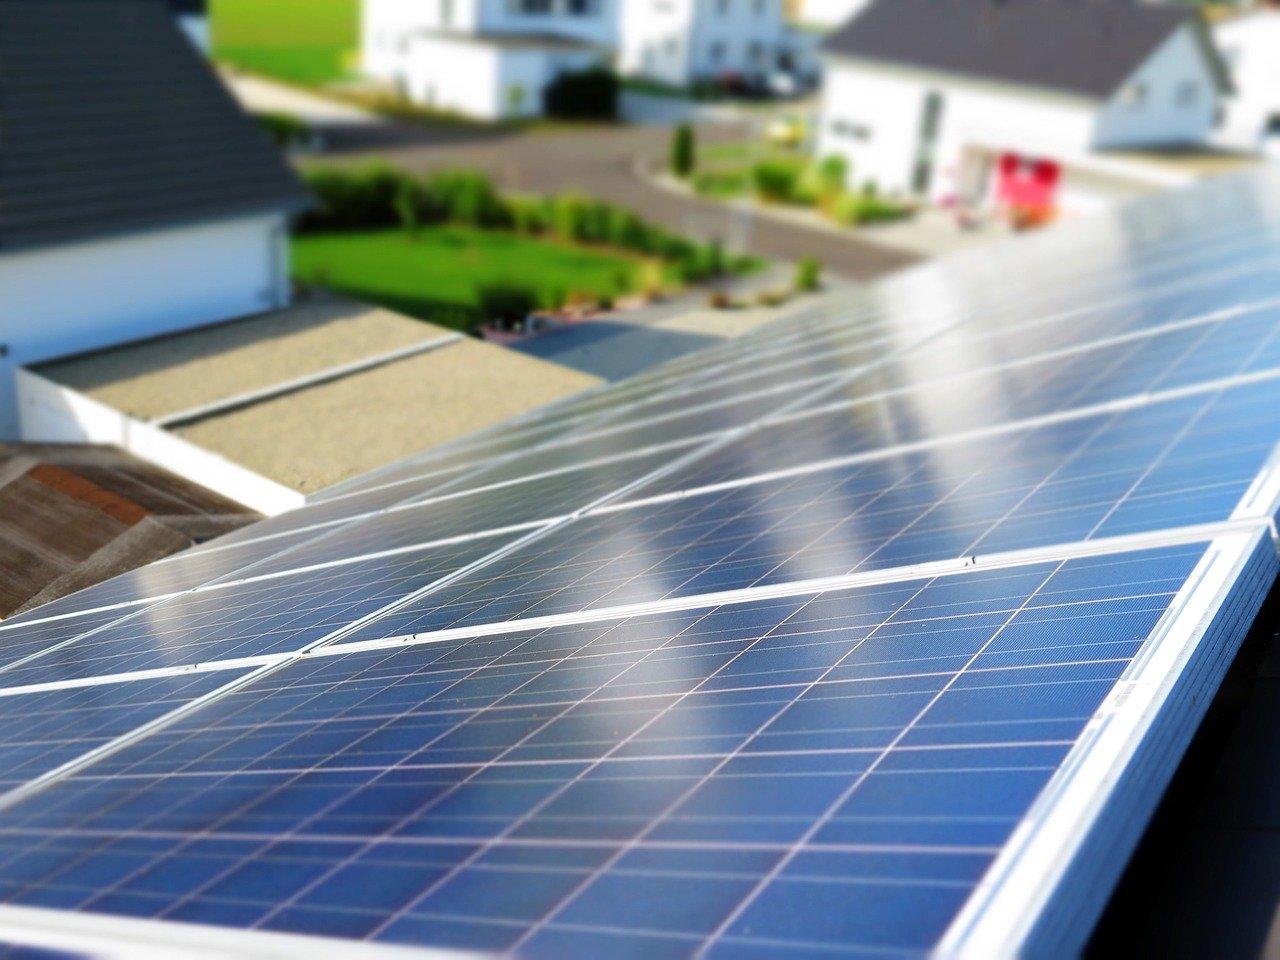 Sostituzione dei moduli fotovoltaici